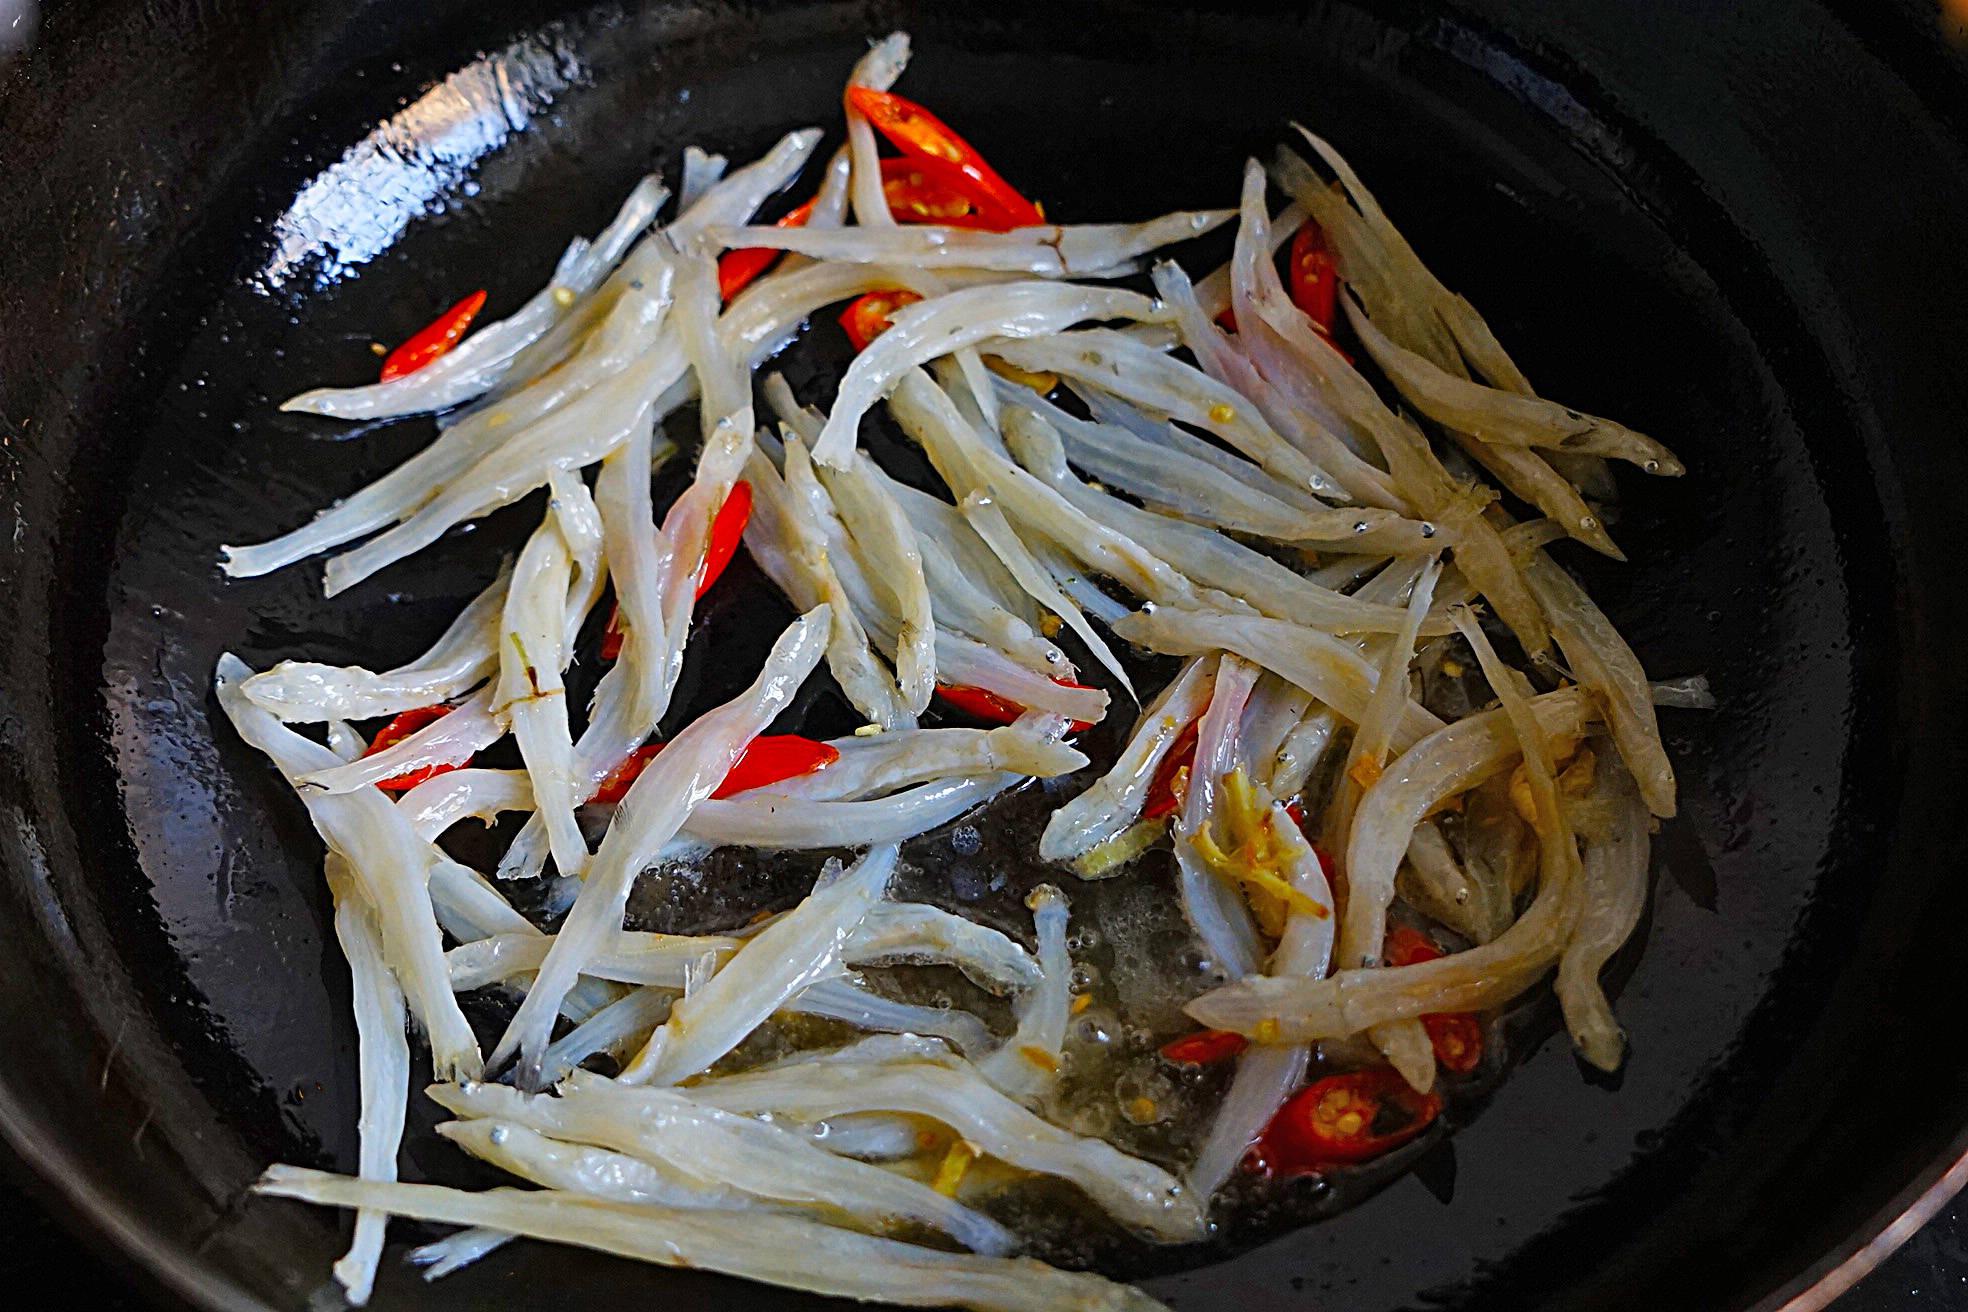 明日立春,吃立春饭这菜莫错过,和银鱼干炒味道棒极了,越吃越香